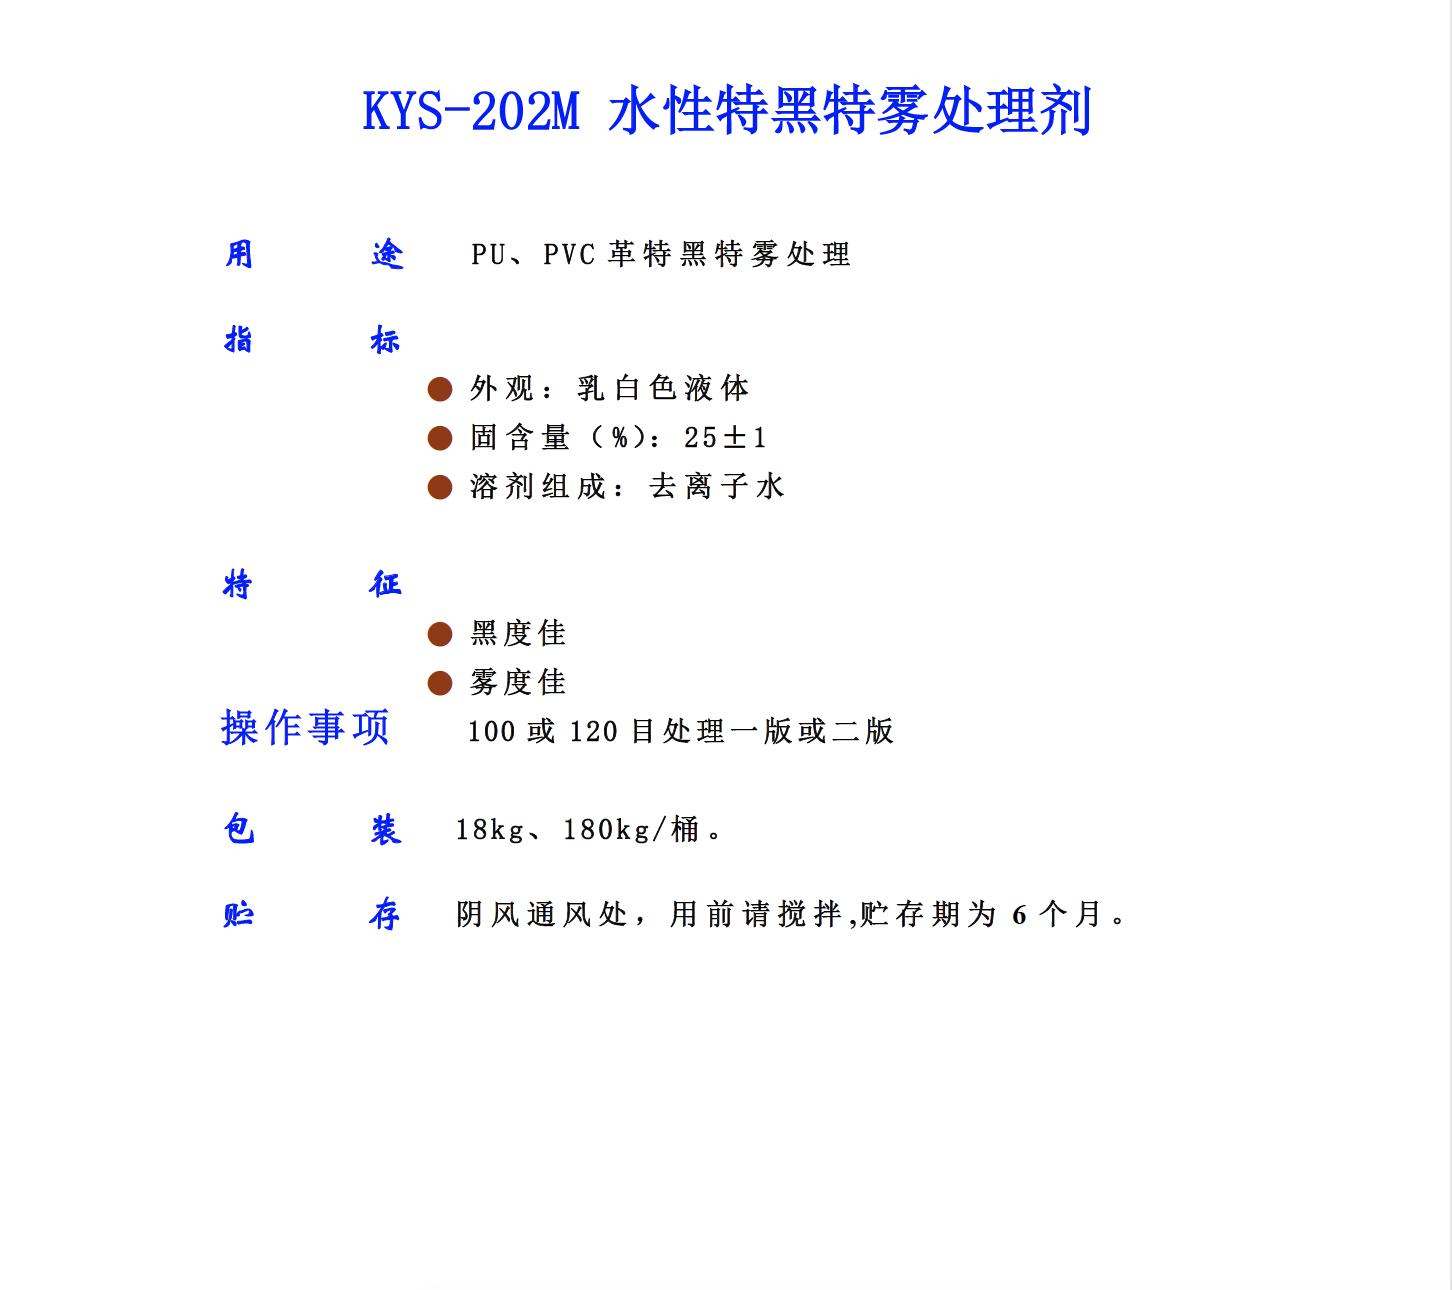 KYS 202M 水性特黑特雾处理剂